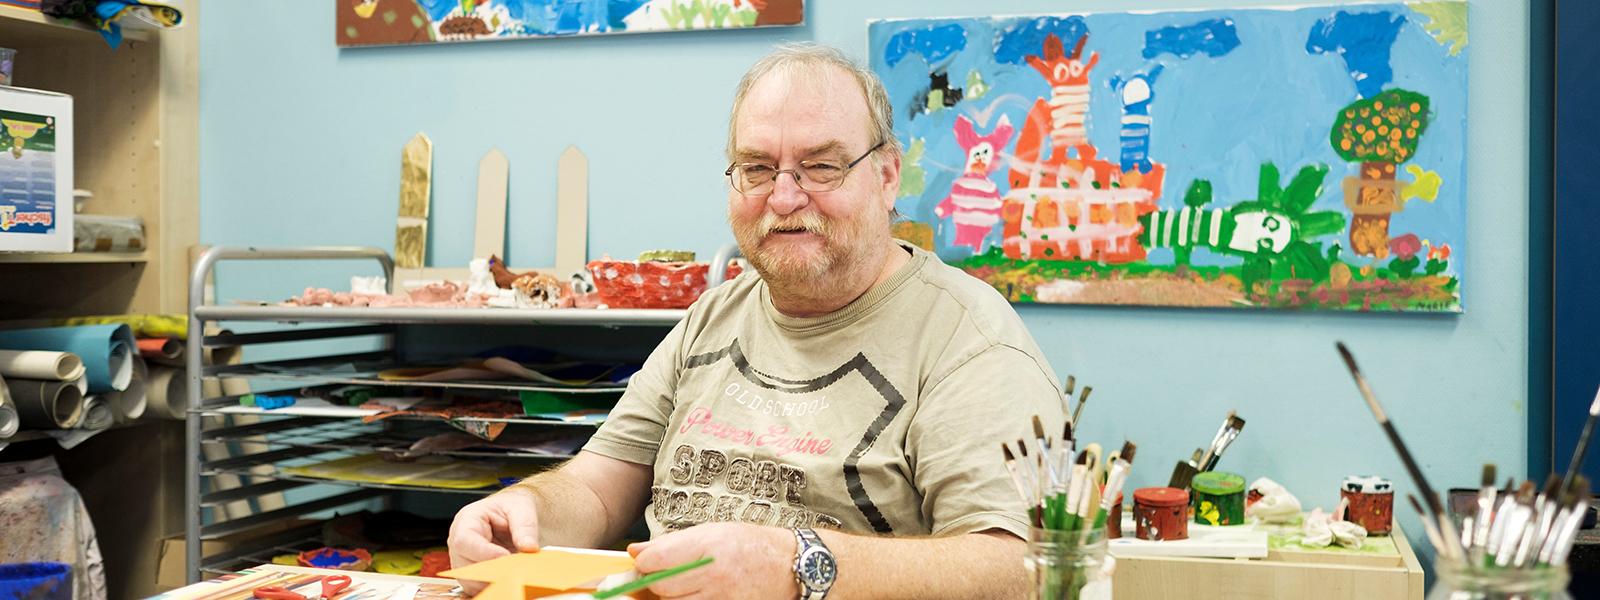 Ein Mann sitzt an einem Tisch und bastelt